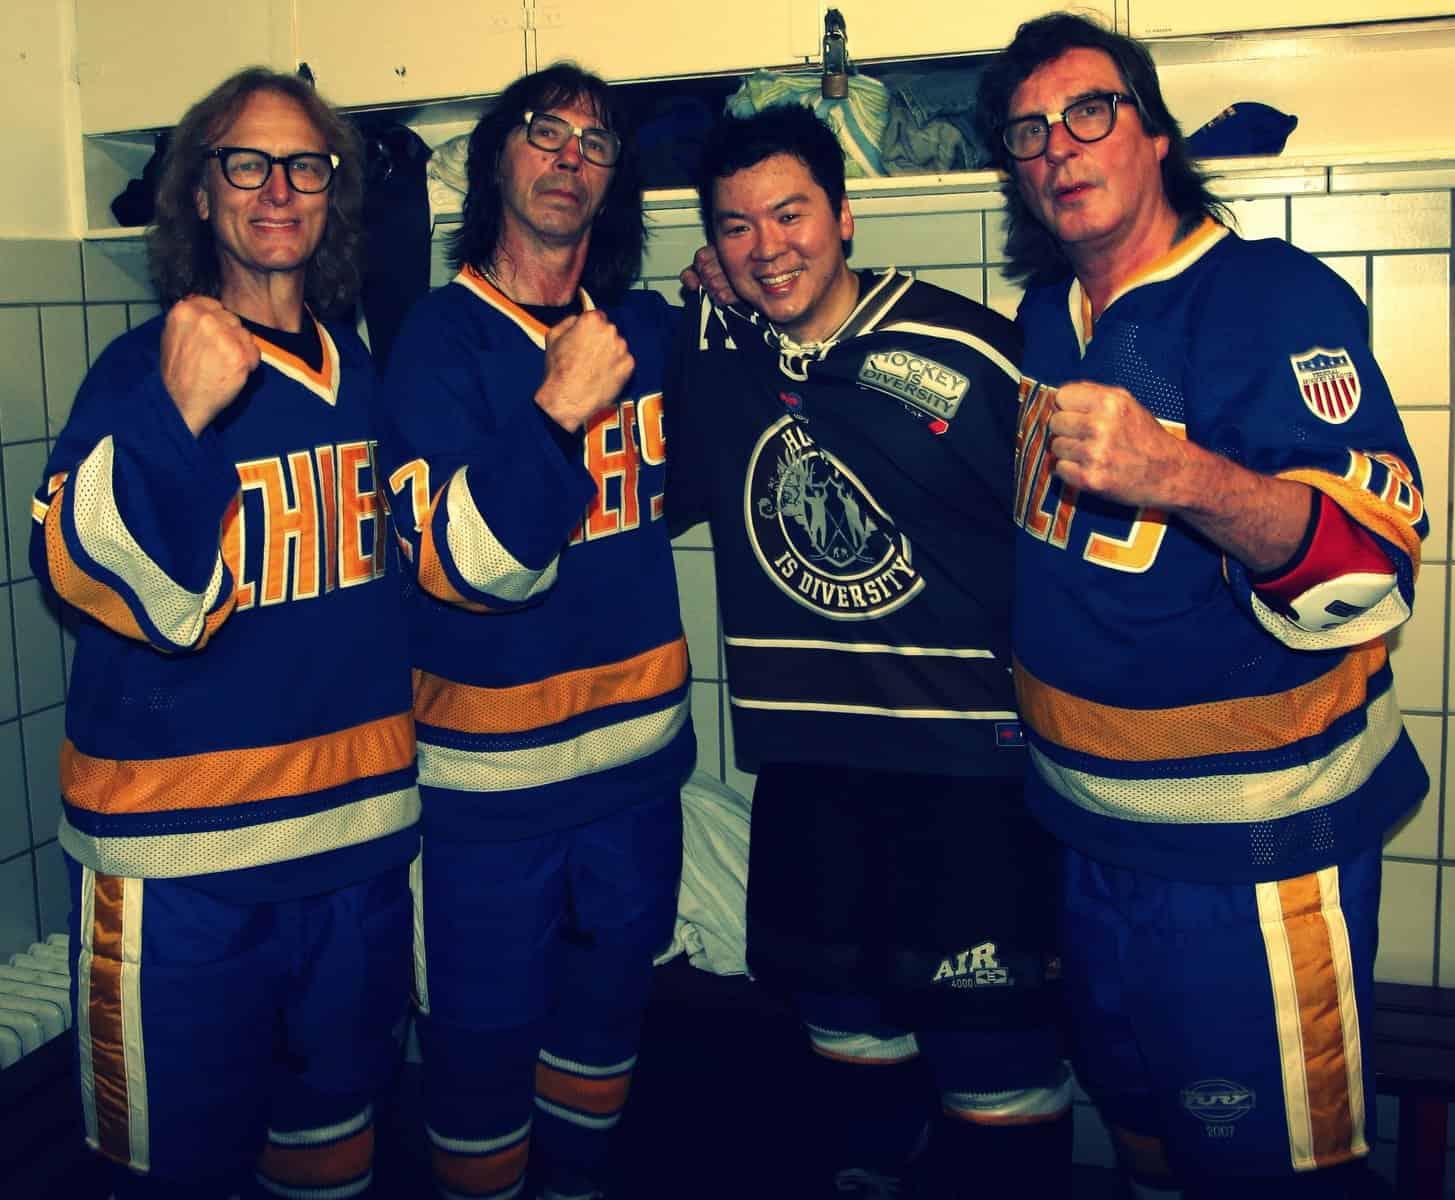 Hockey is Diversity Gründer Martin Hyun spielte mit den weltbekannten Eishockey Prügelbrüdern aus dem Kultfilm Slapshot, den Hanson Brothers.